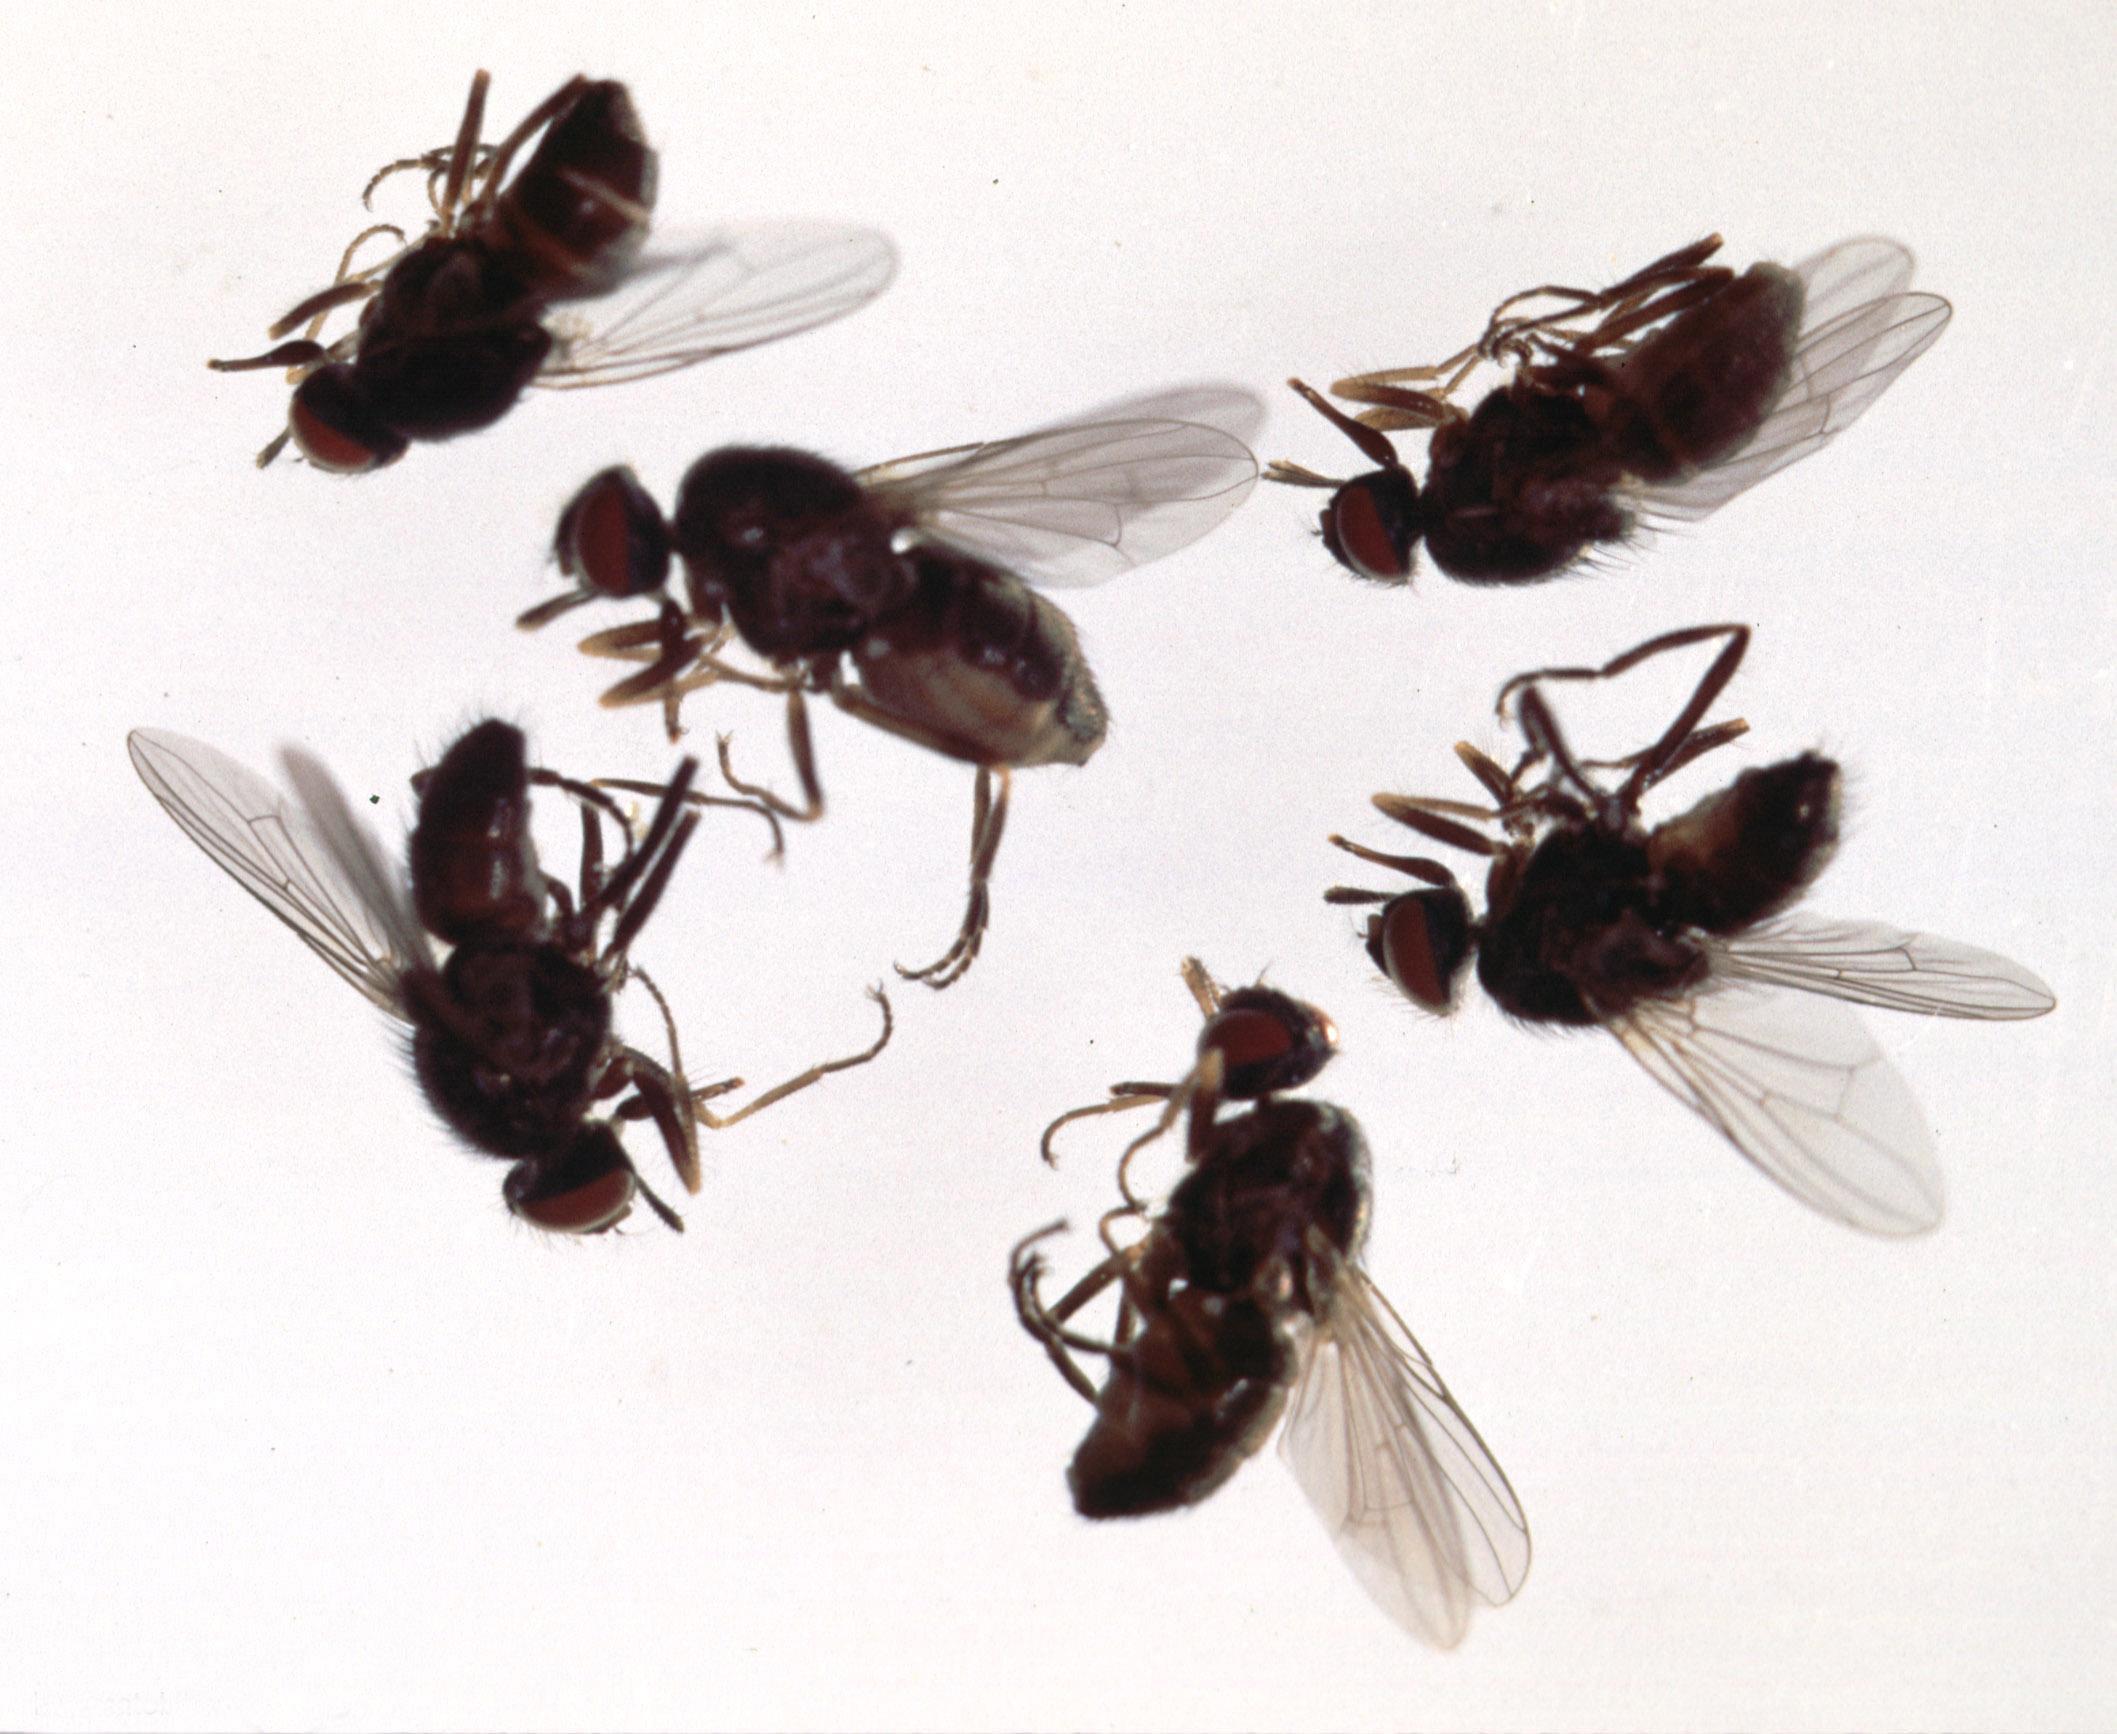 Flies In The Kitchen Sink